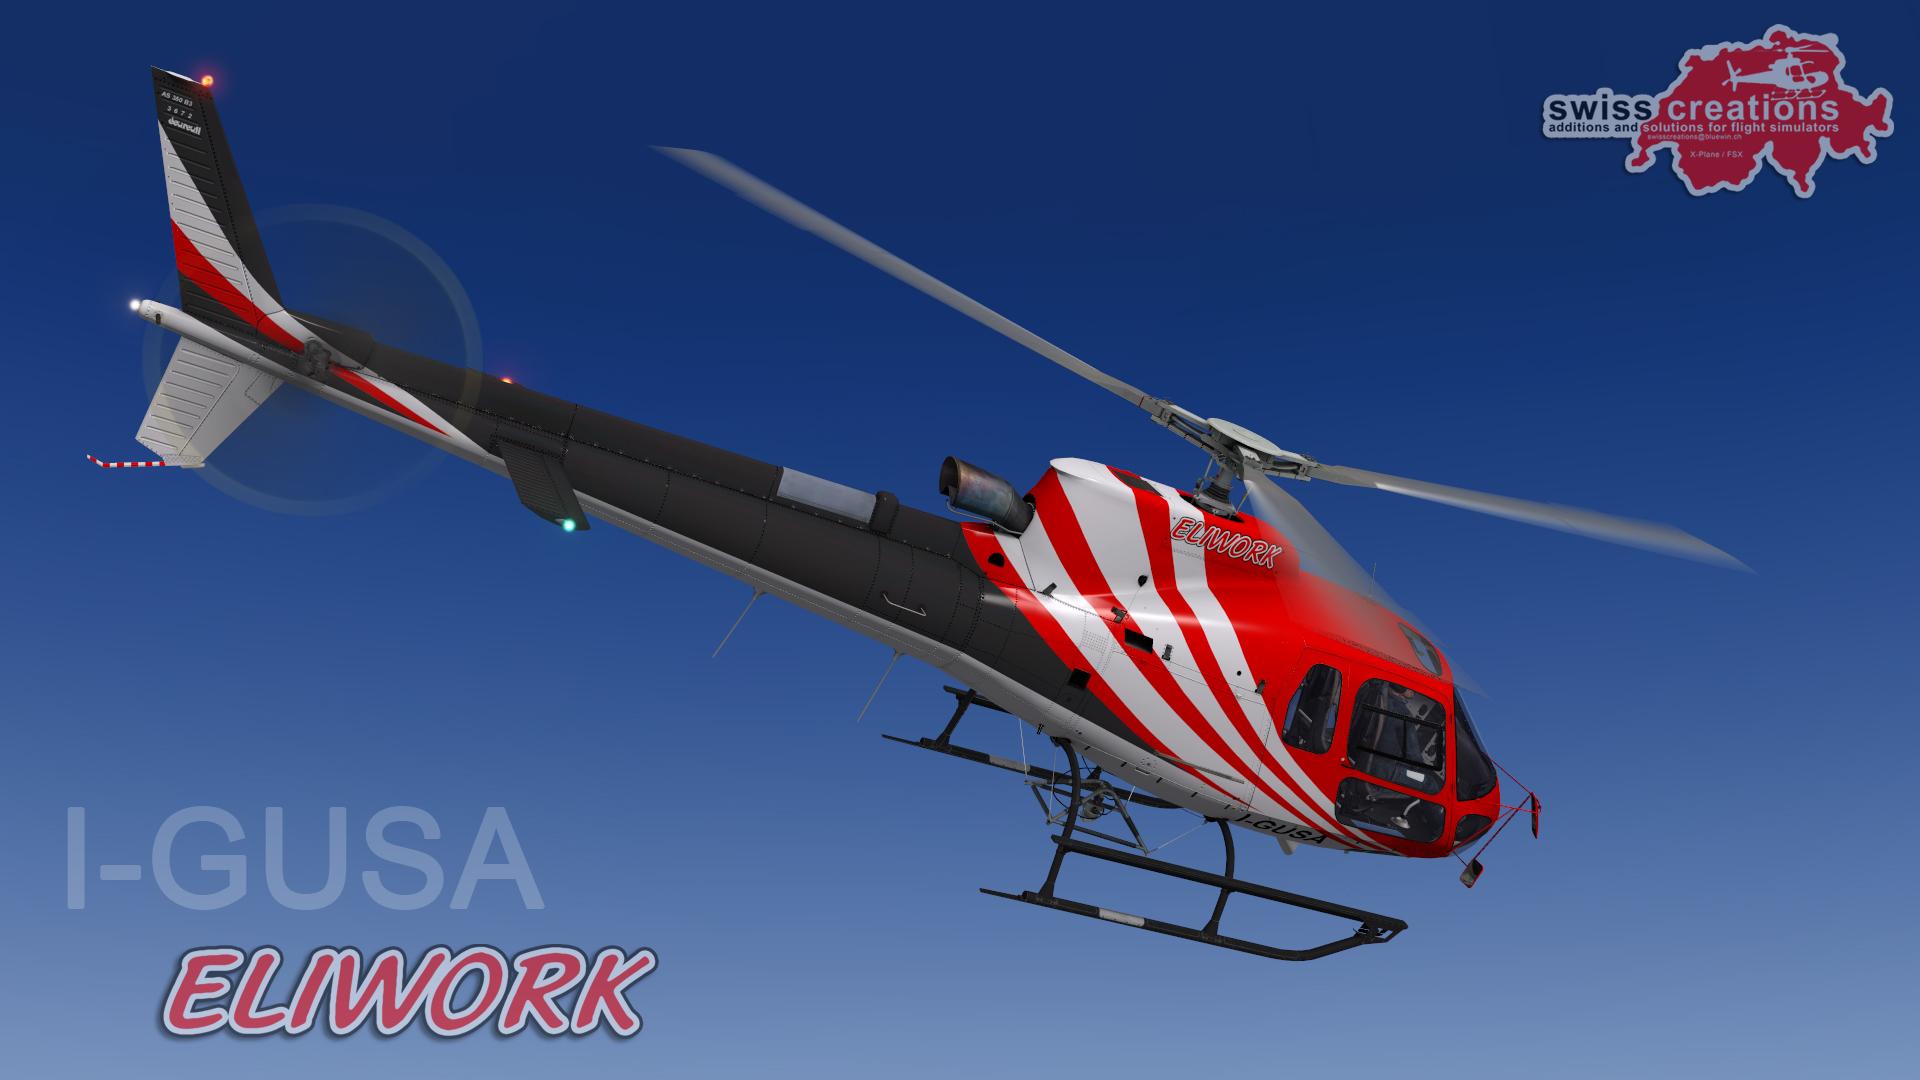 Elicottero 350 : Swisscreations as 350 b3 eliwork fleet repaint as350 by